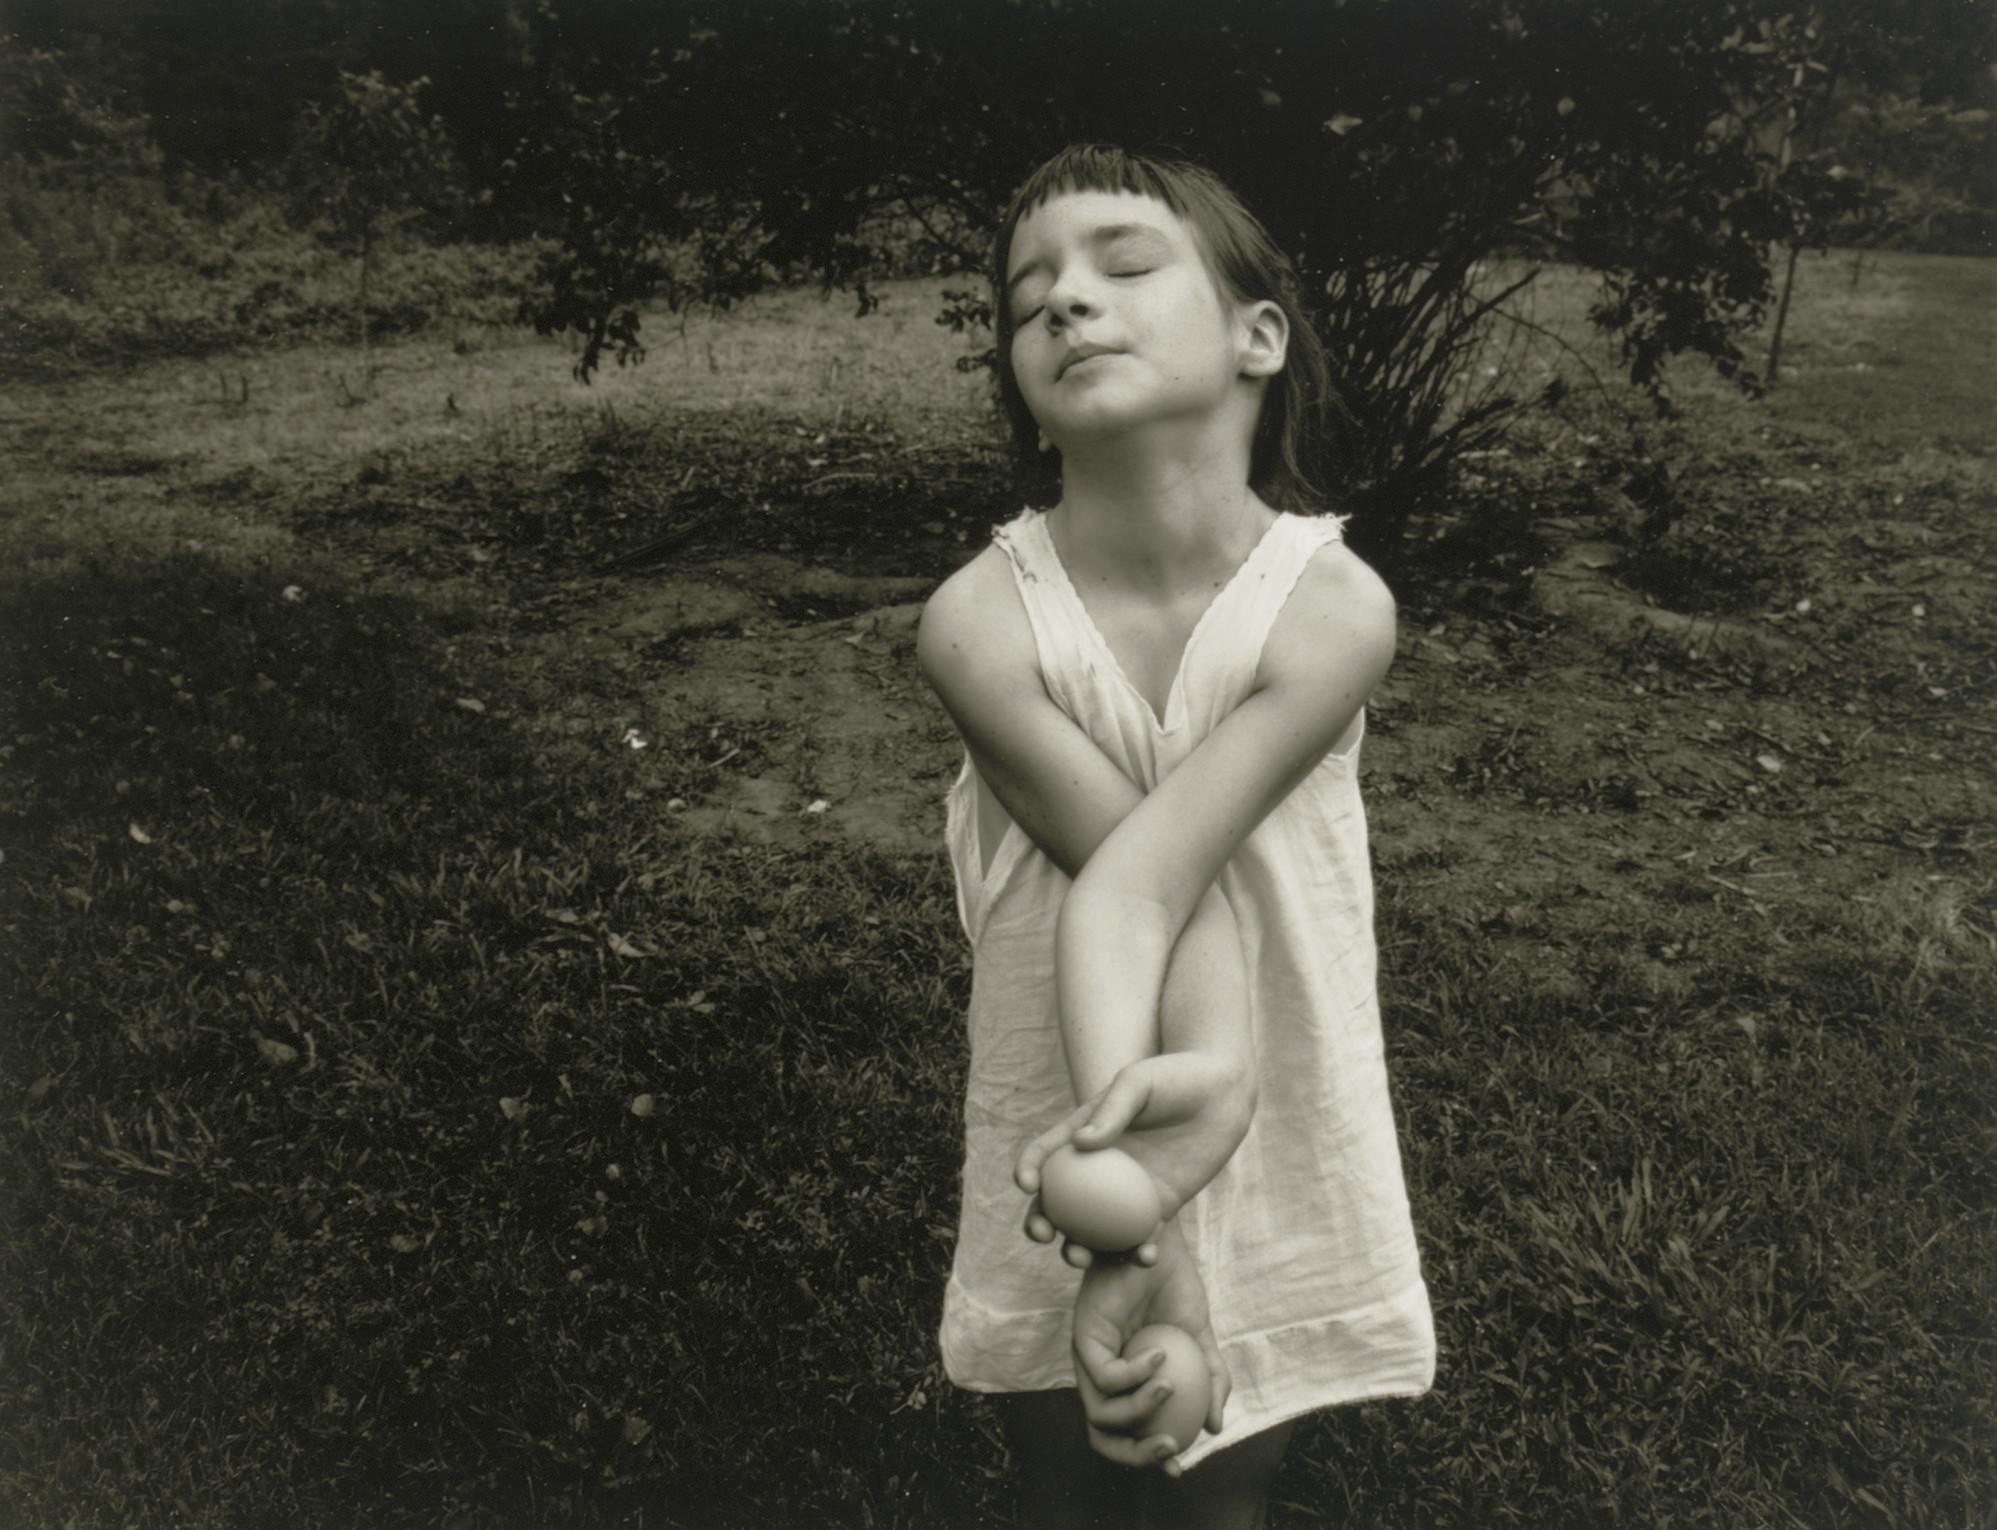 Nancy, Danville, Virginia, 1969